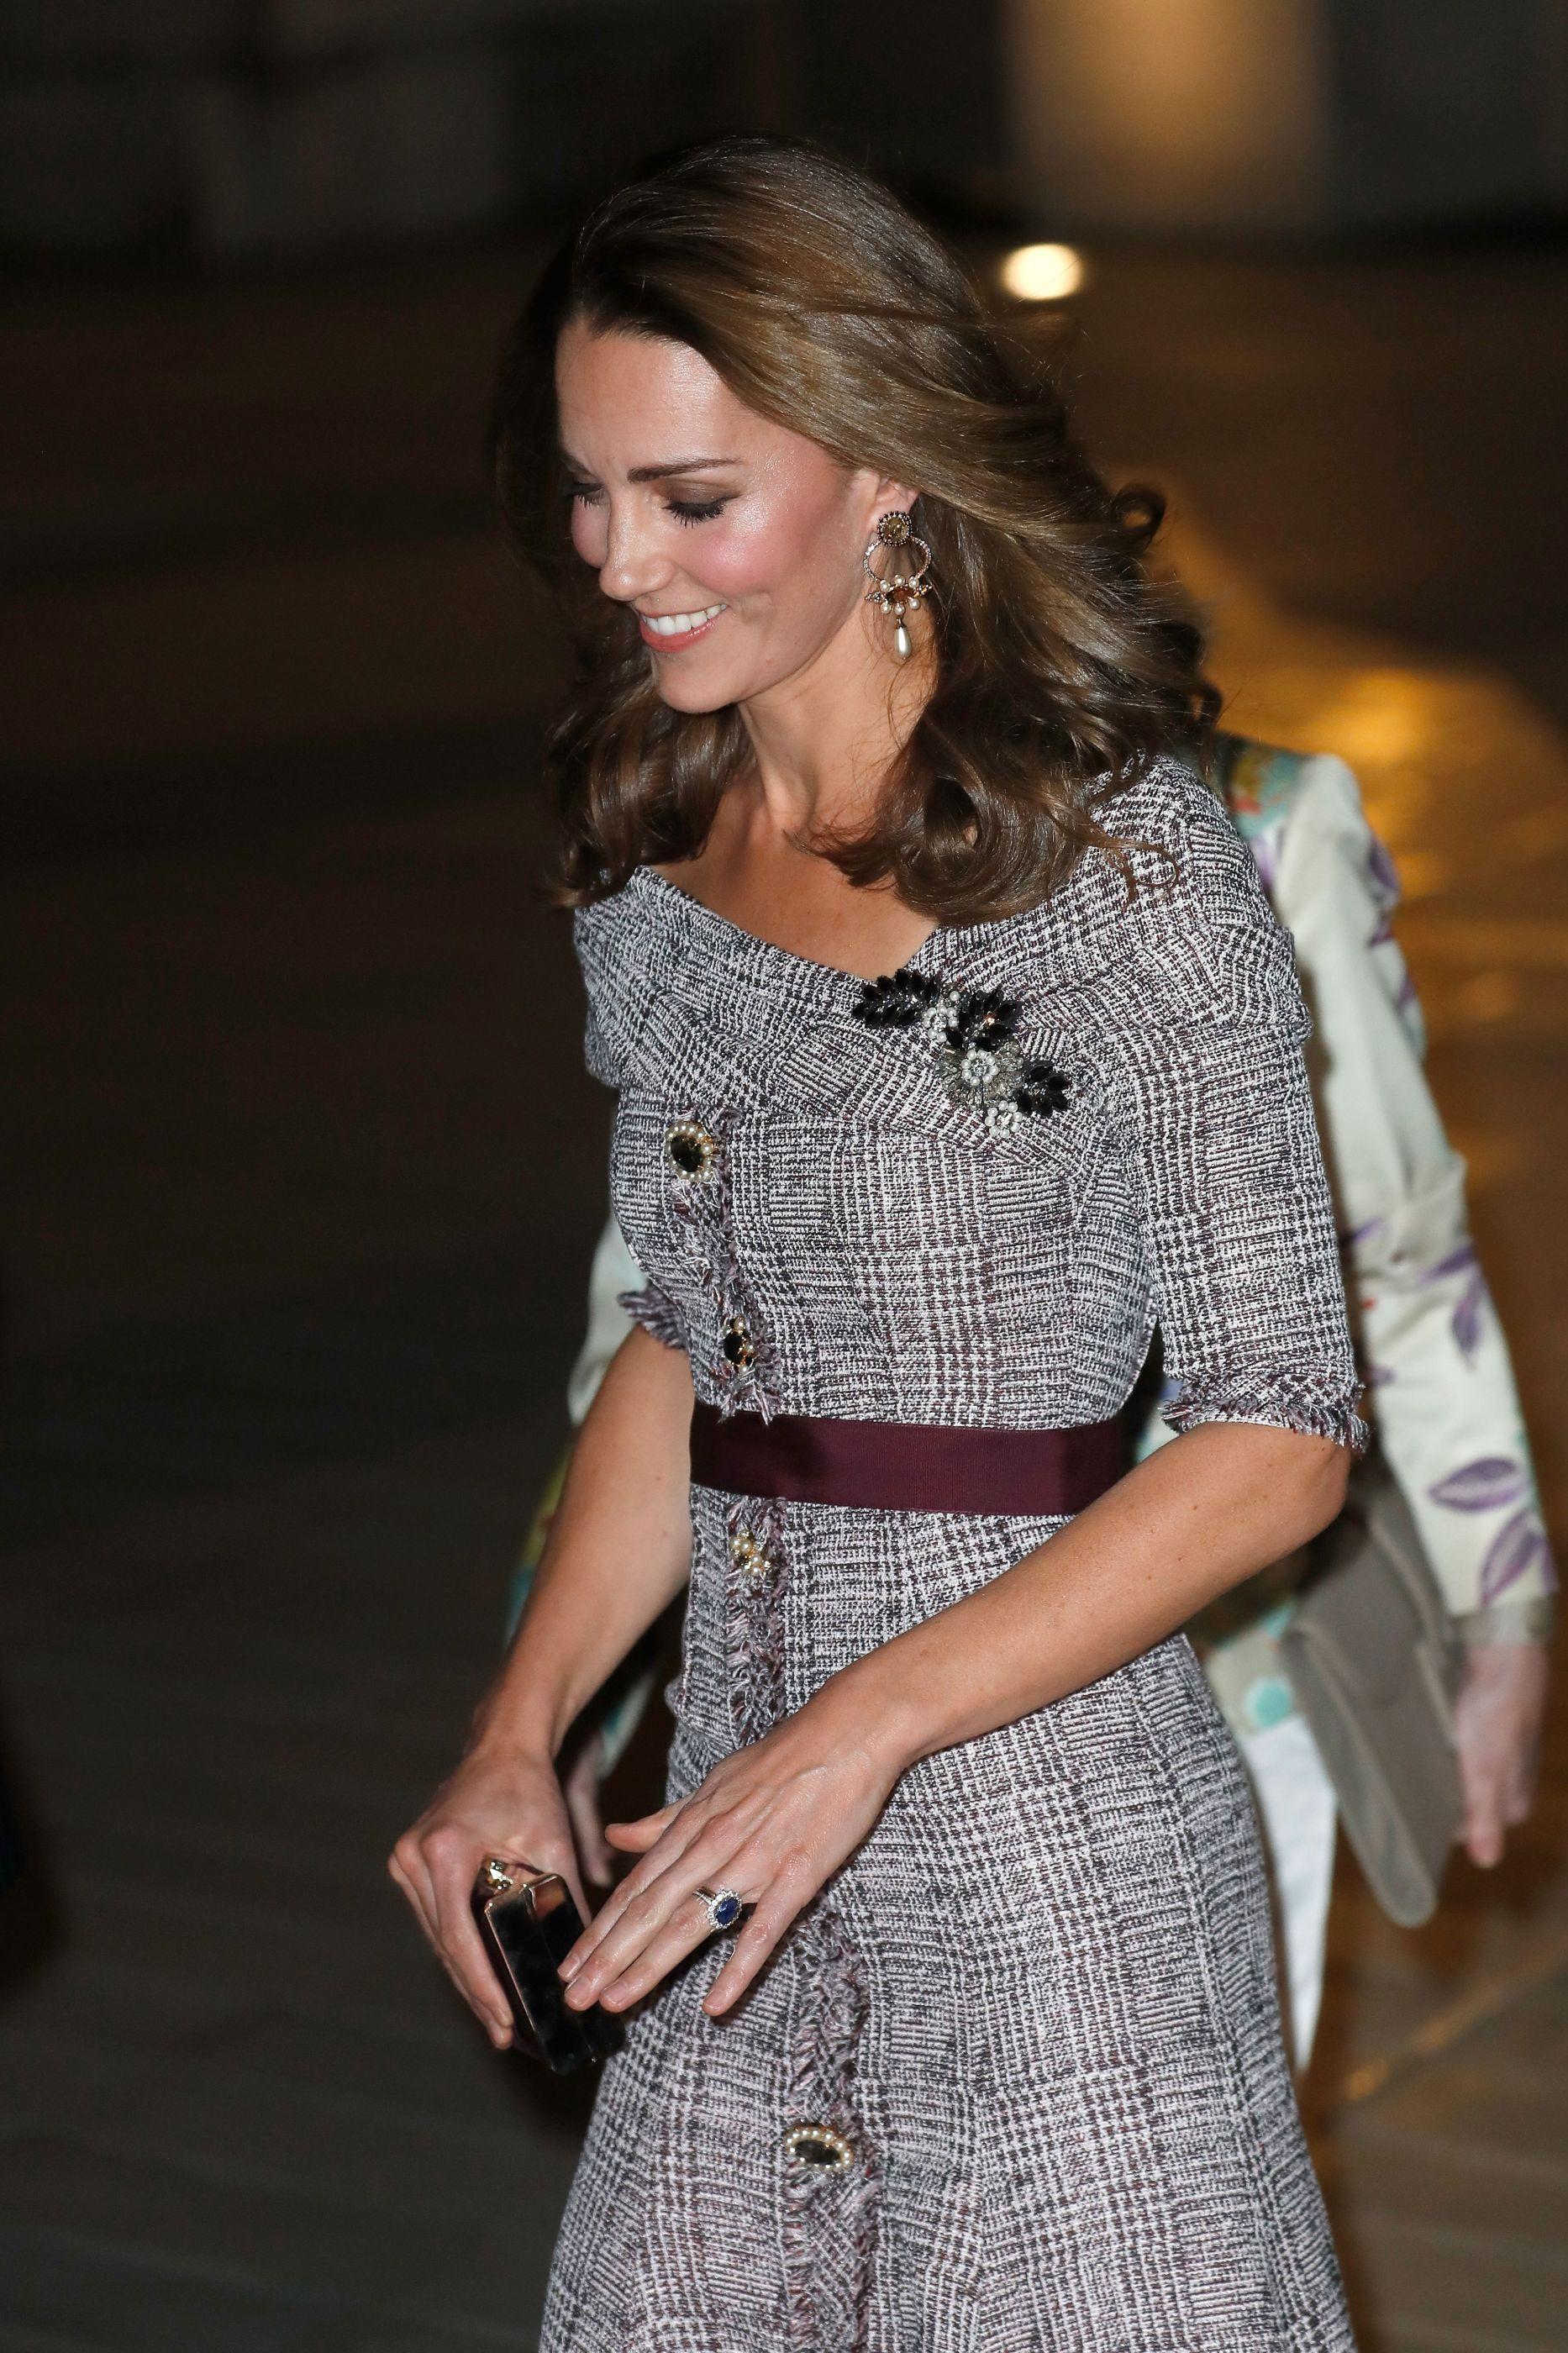 Kate Middleton espalha elegância com vestido 'ombro a ombro'